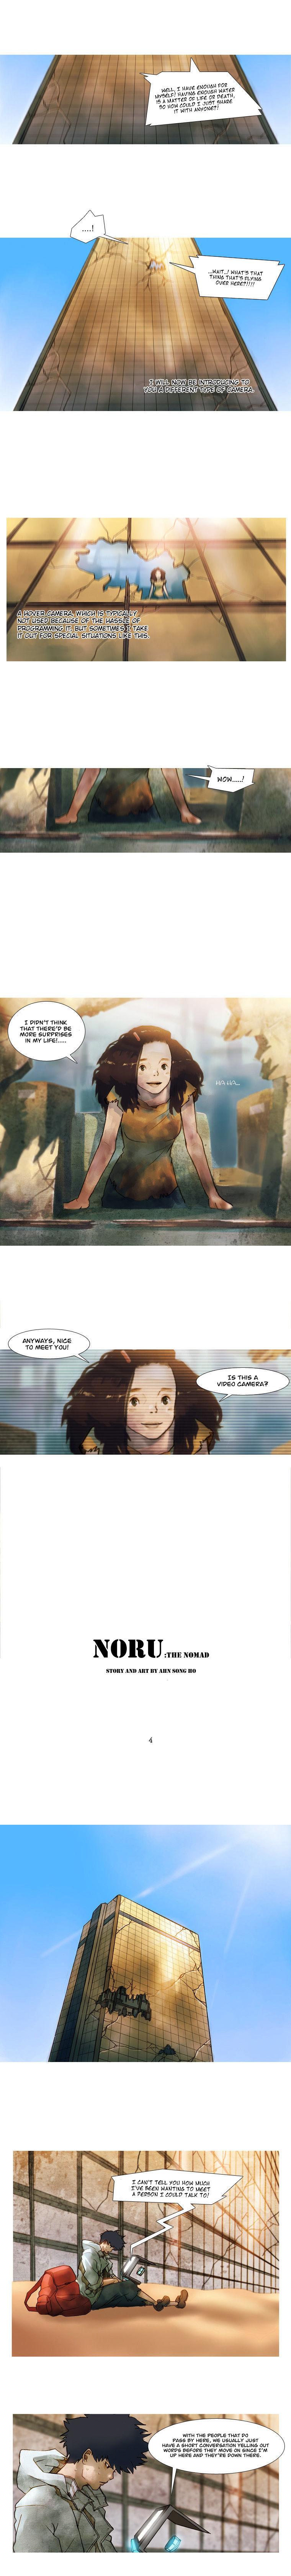 Noru 4 Page 2